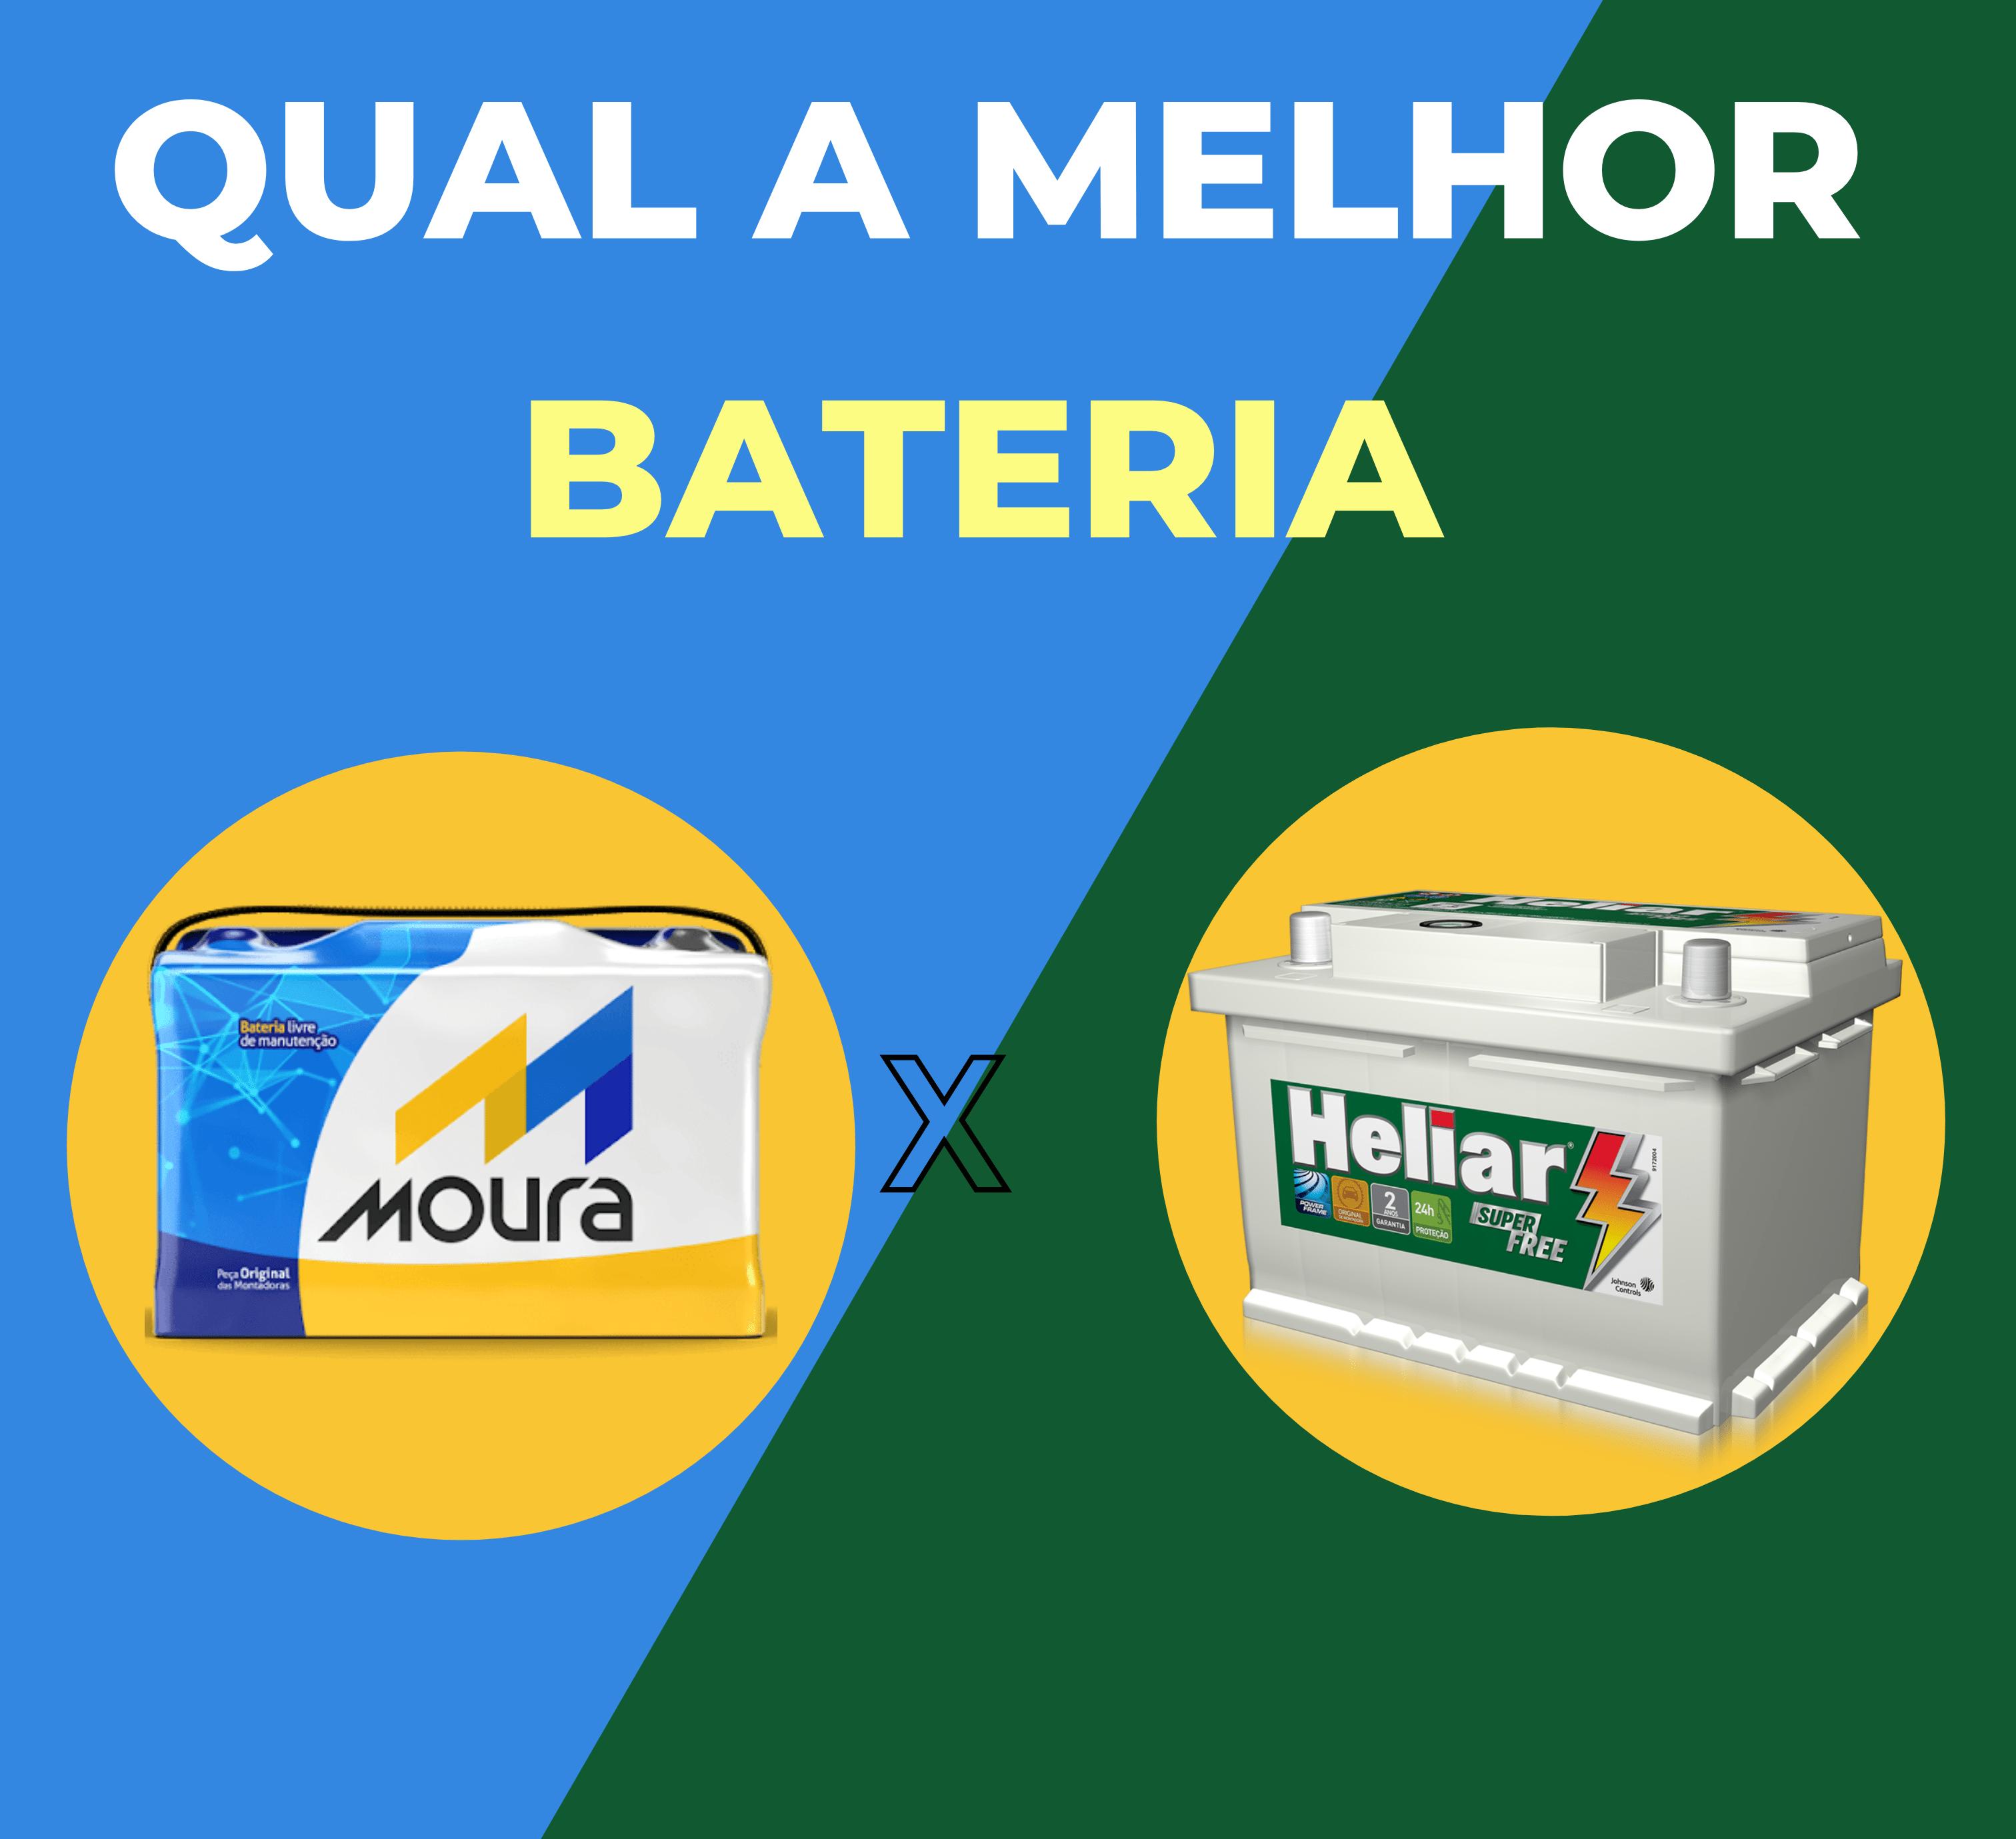 Qual é a melhor Bateria? Moura ou Heliar?